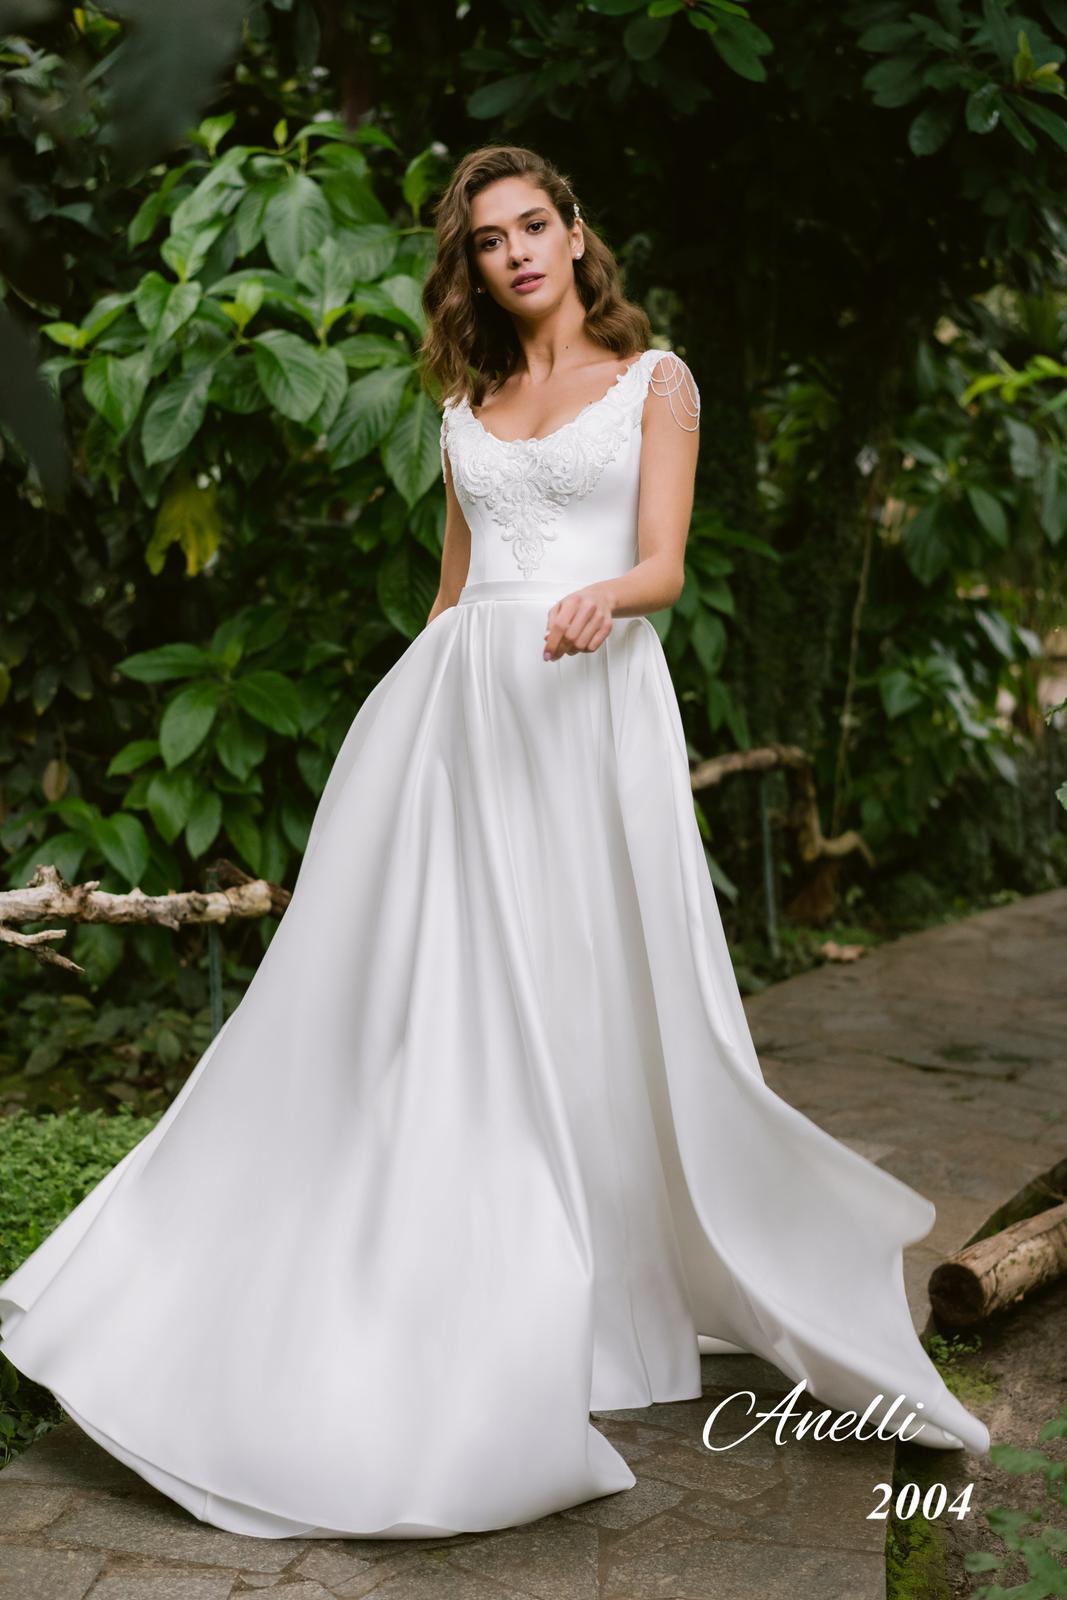 Svadobné šaty - Breeze 2004 - Obrázok č. 2